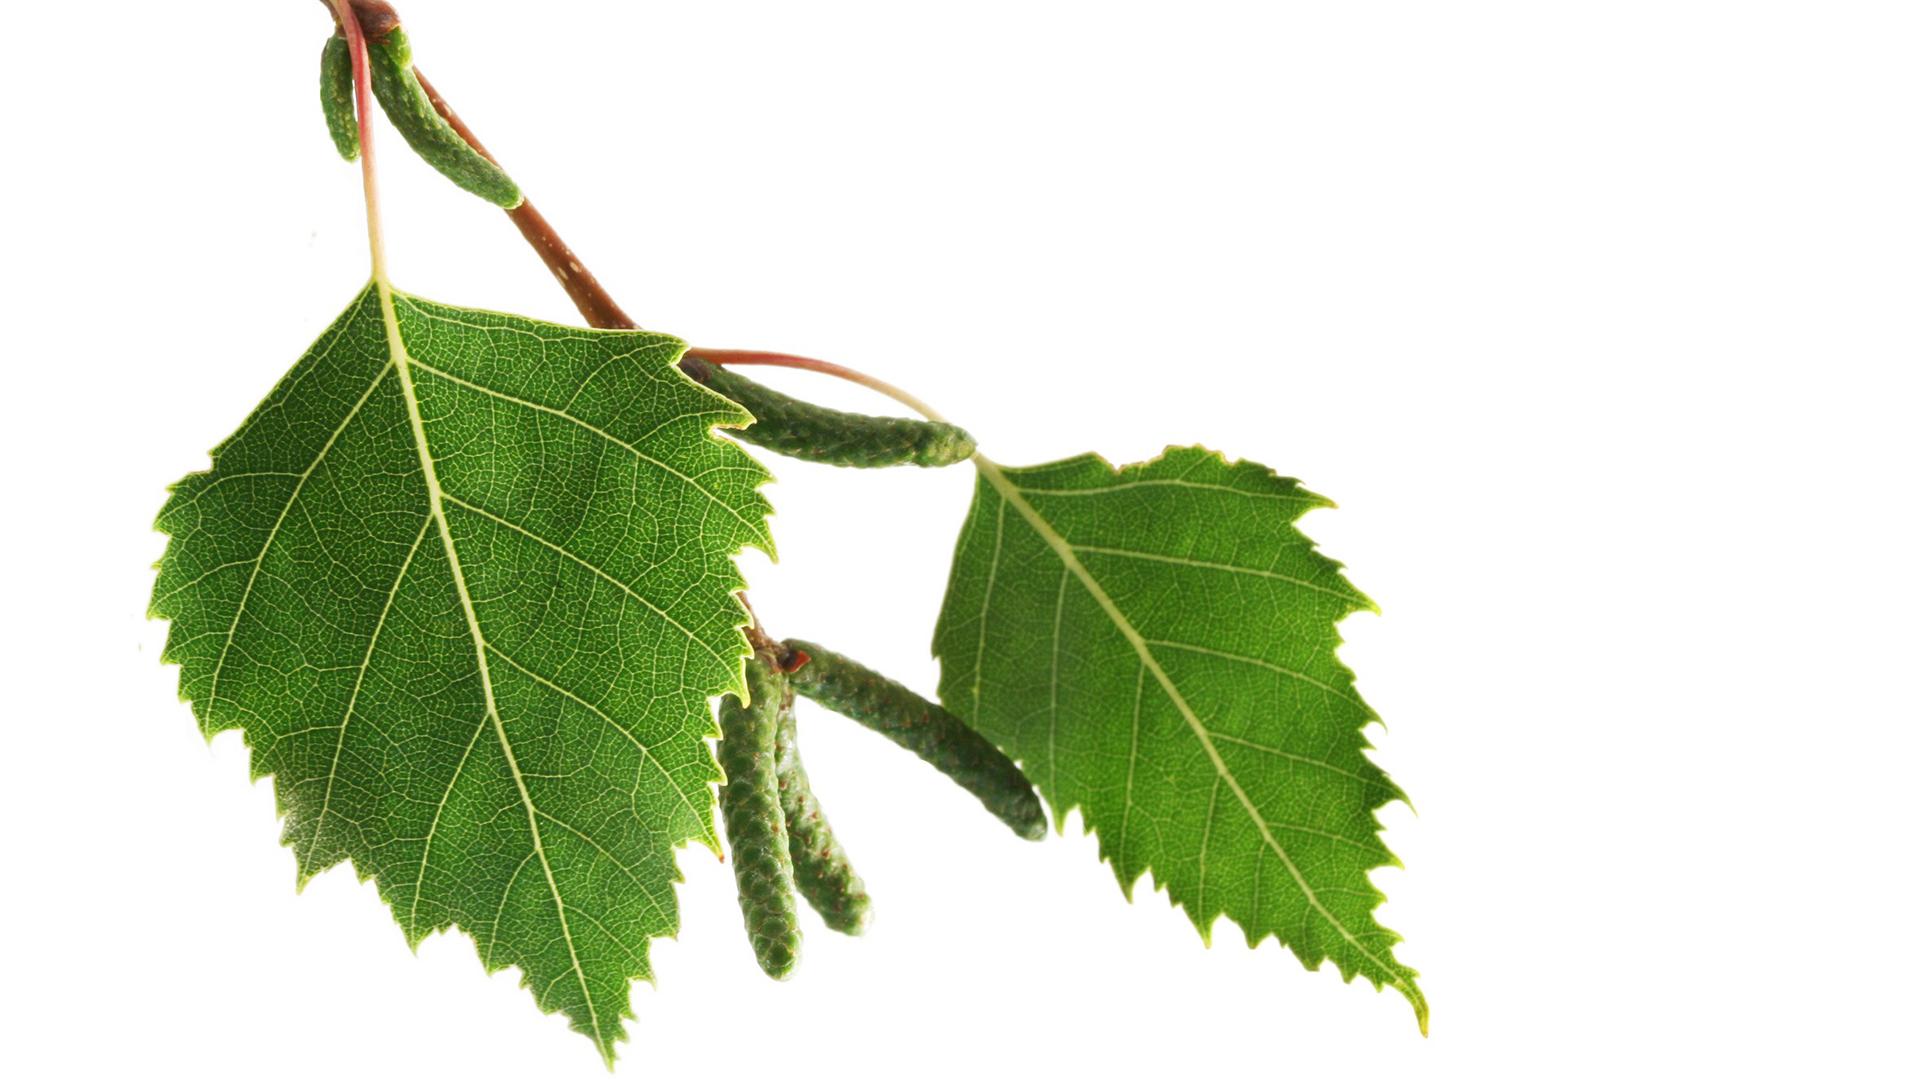 frunze de mesteacan din varicoză